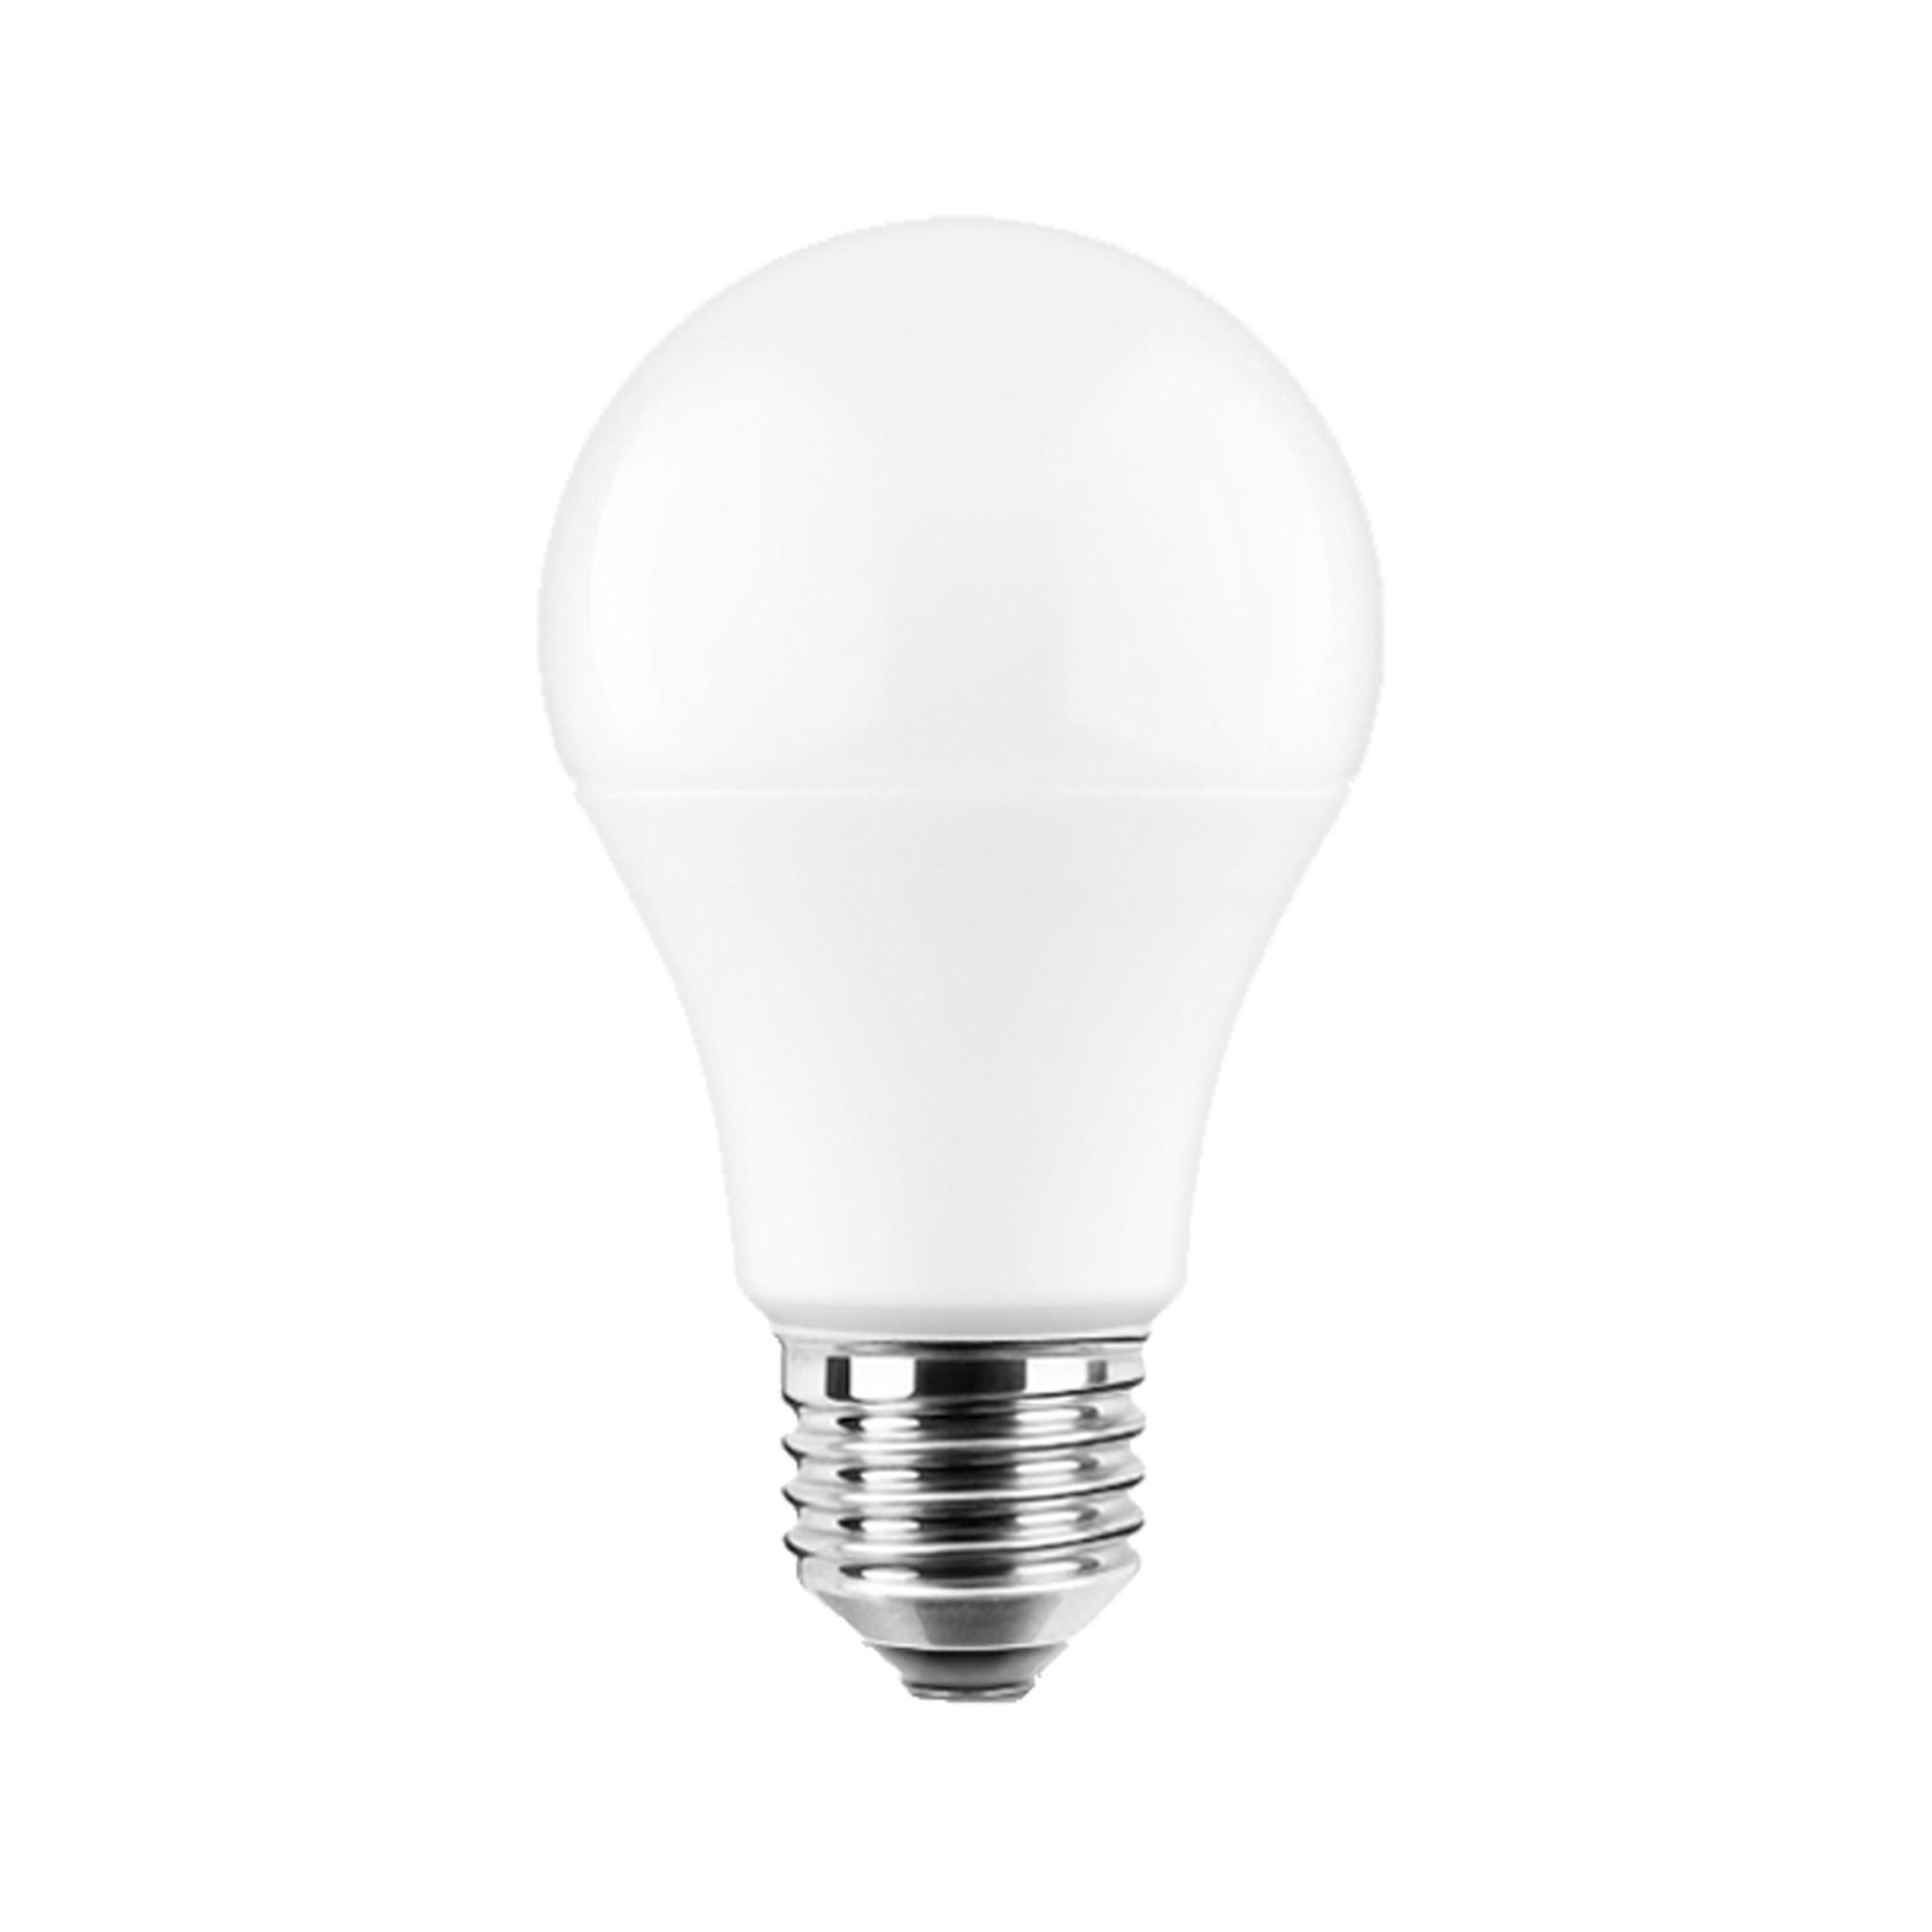 Лампа светодиодная Lexman E27 220 В 10 Вт груша матовая 1055 лм белый свет